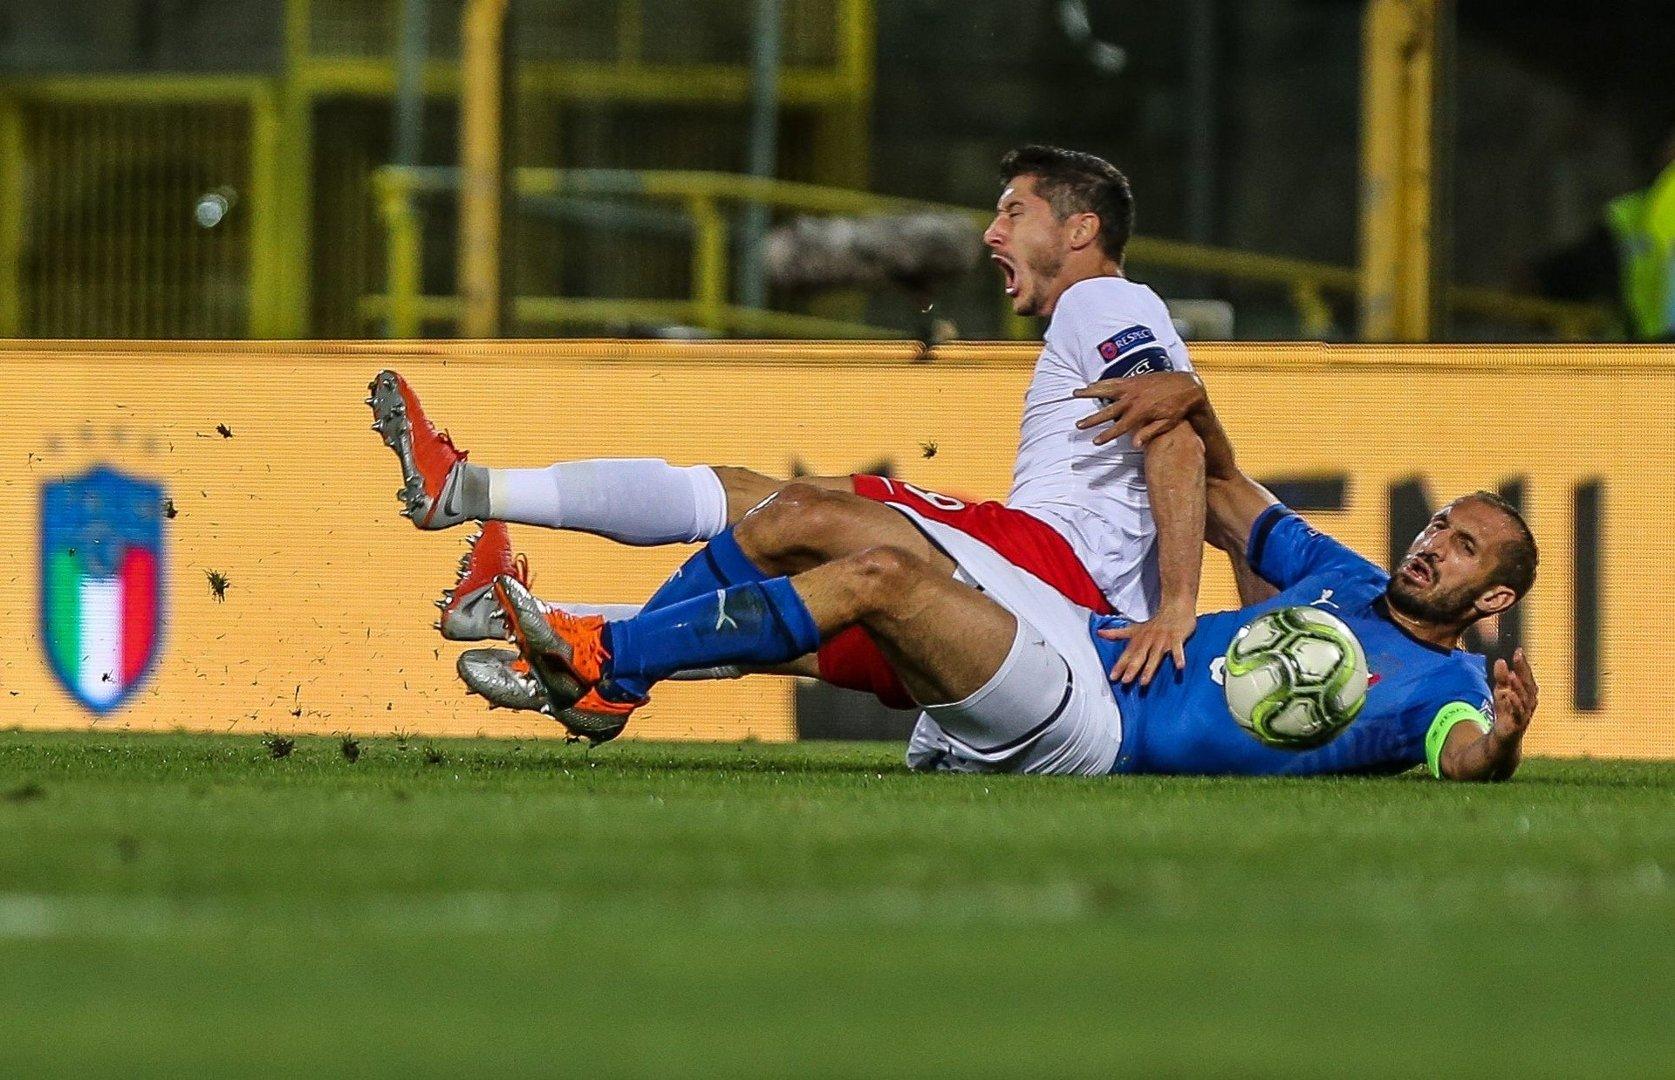 d91581787 Włochy - Polska 1:1 BRAMKI YOUTUBE, wynik meczu, skrót meczu, wszystkie